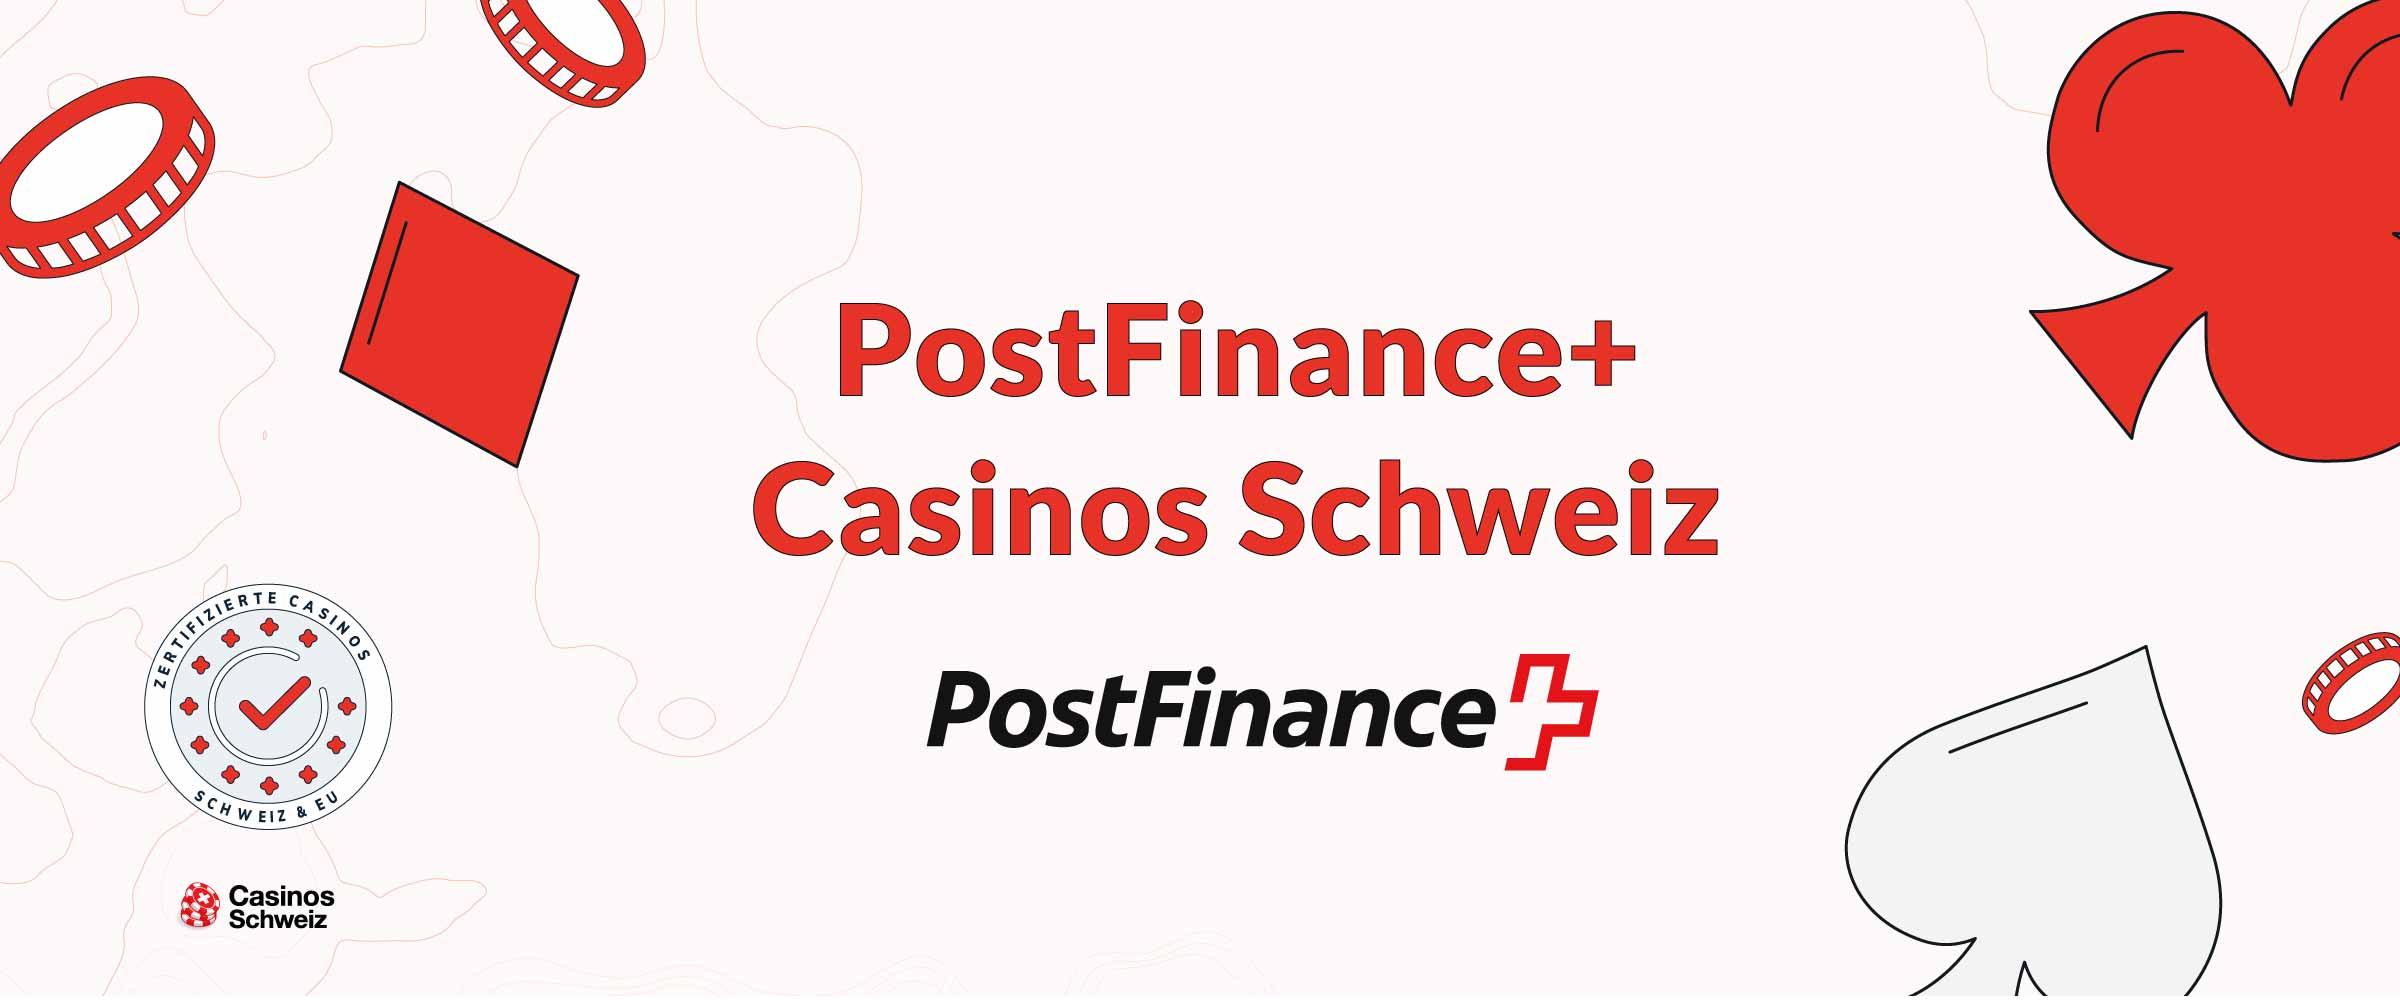 Postfinance Casinos Schweiz